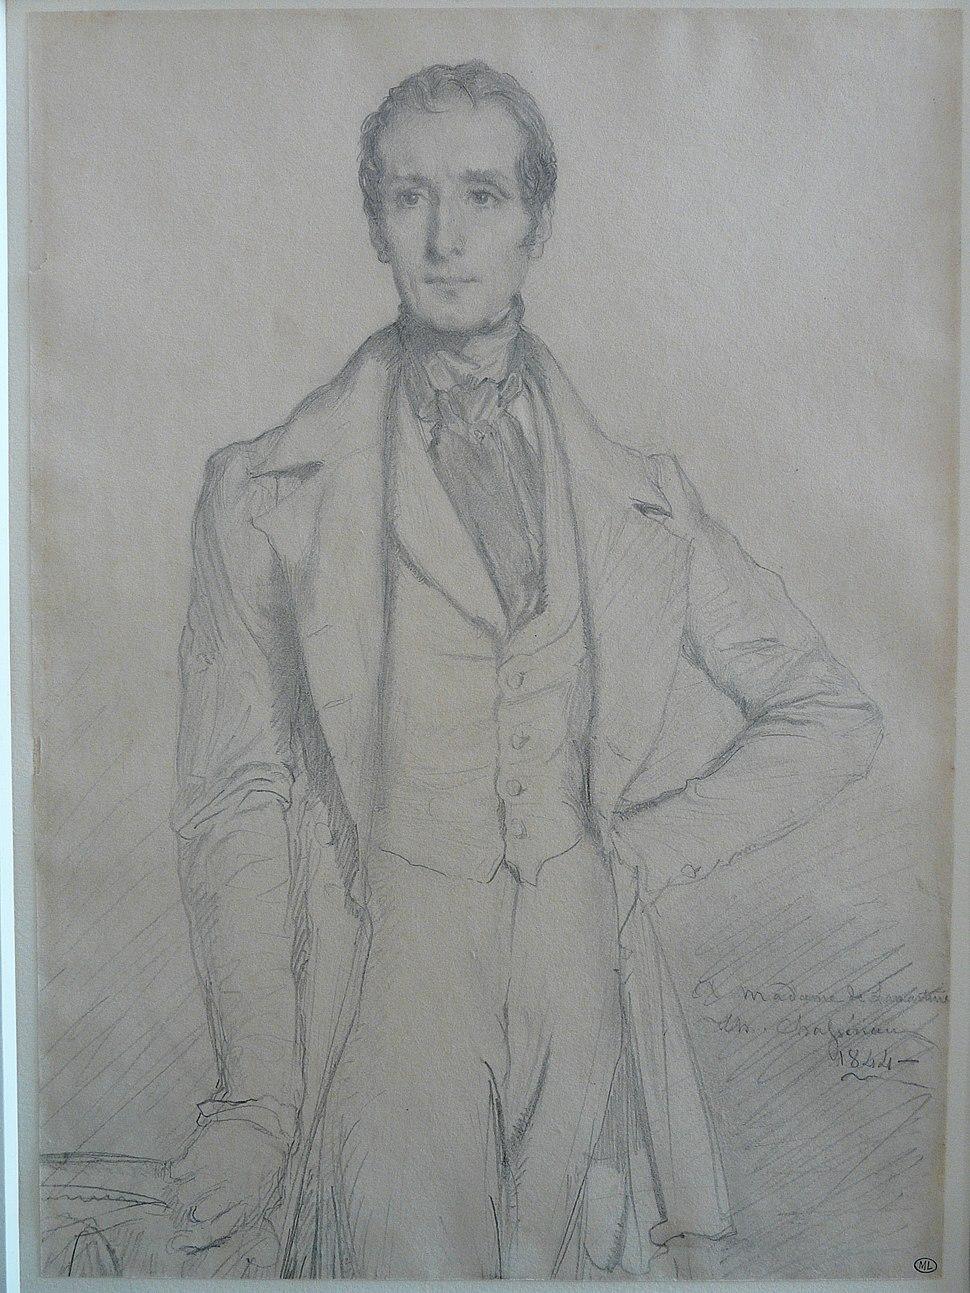 CHASSERIAU Théodore,1844 - Portrait de Lamartine - drawing (dessin, disegno)